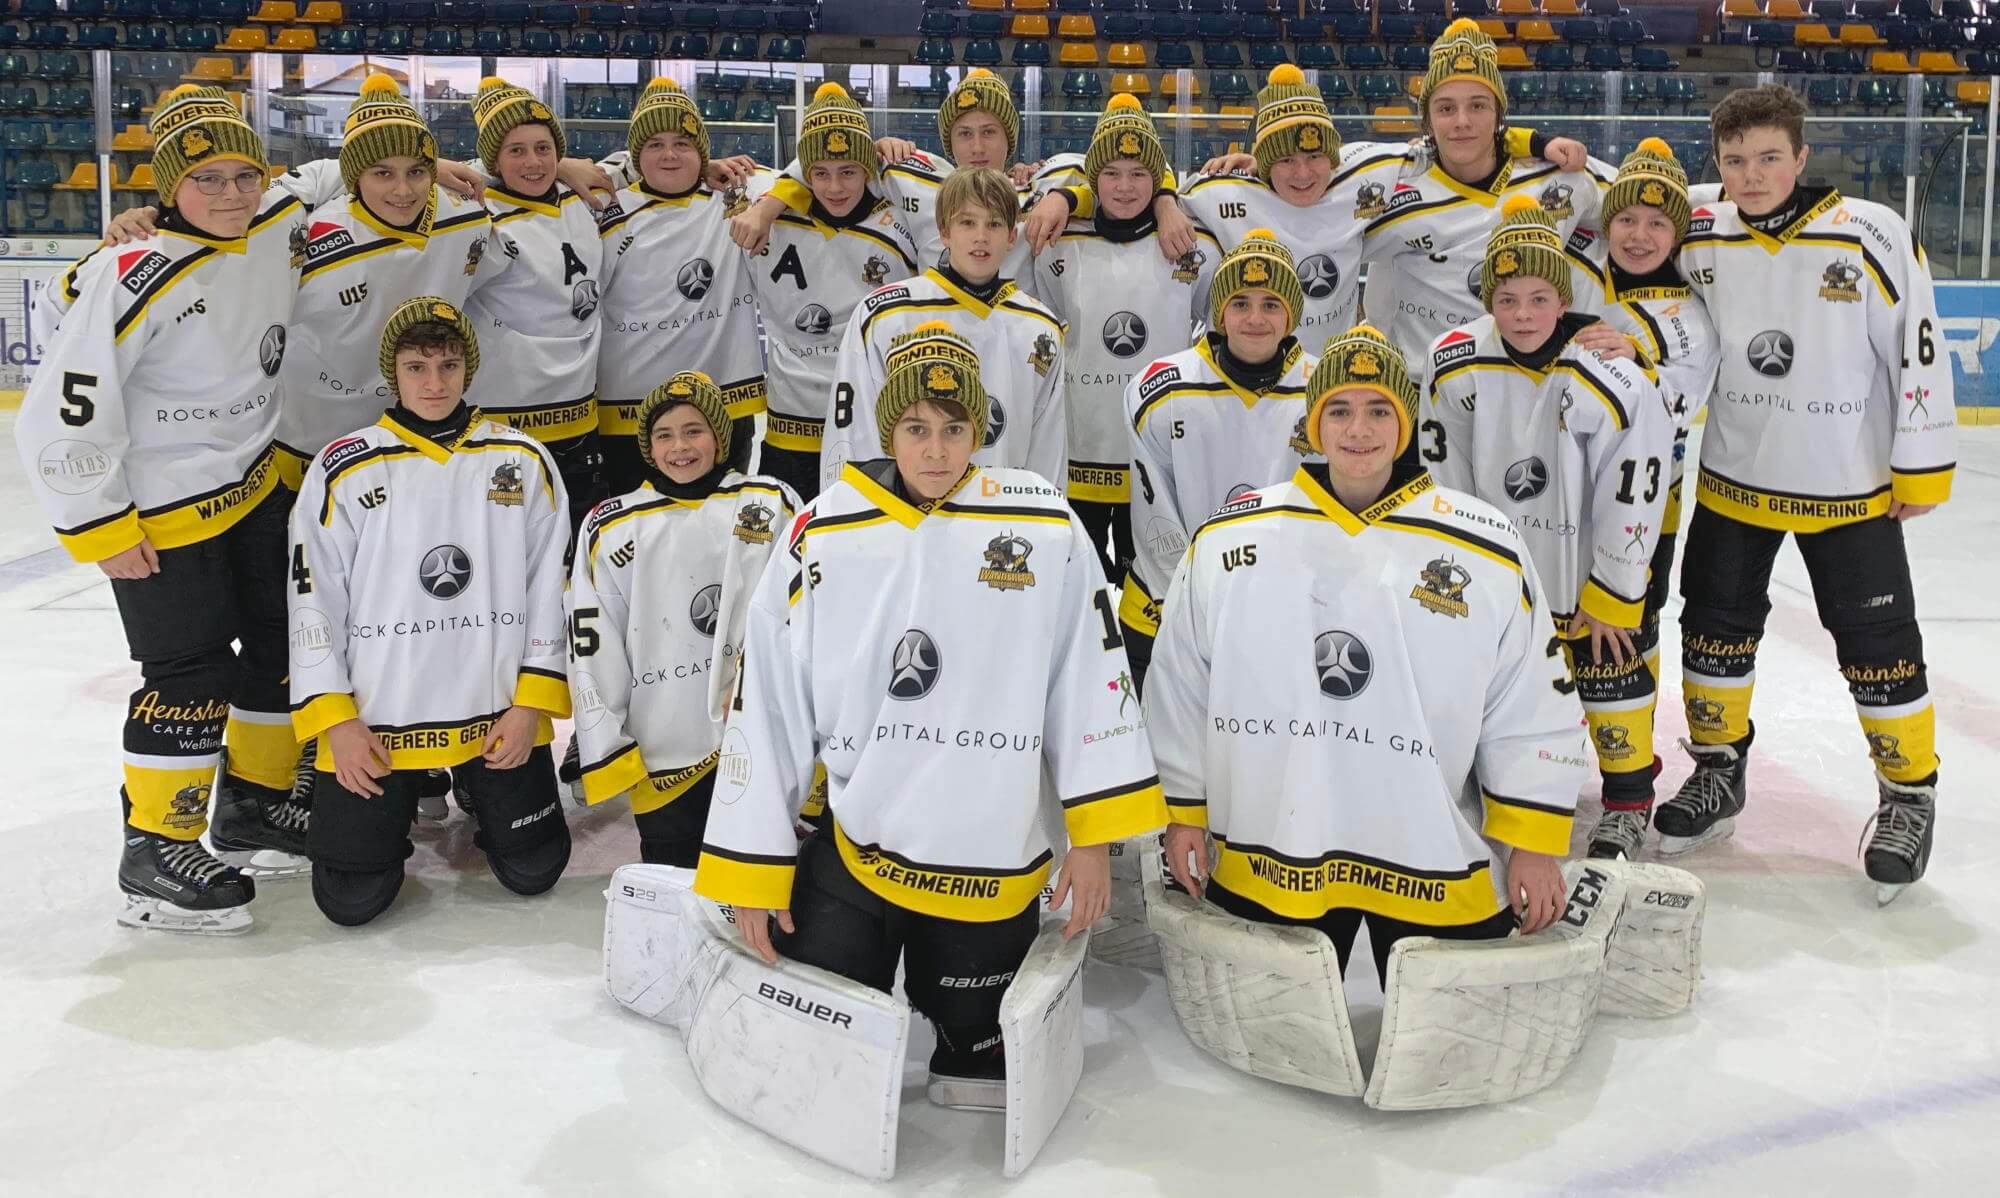 Mützen für Eishockeymannschaften <br>U15 der Wanderers Germering